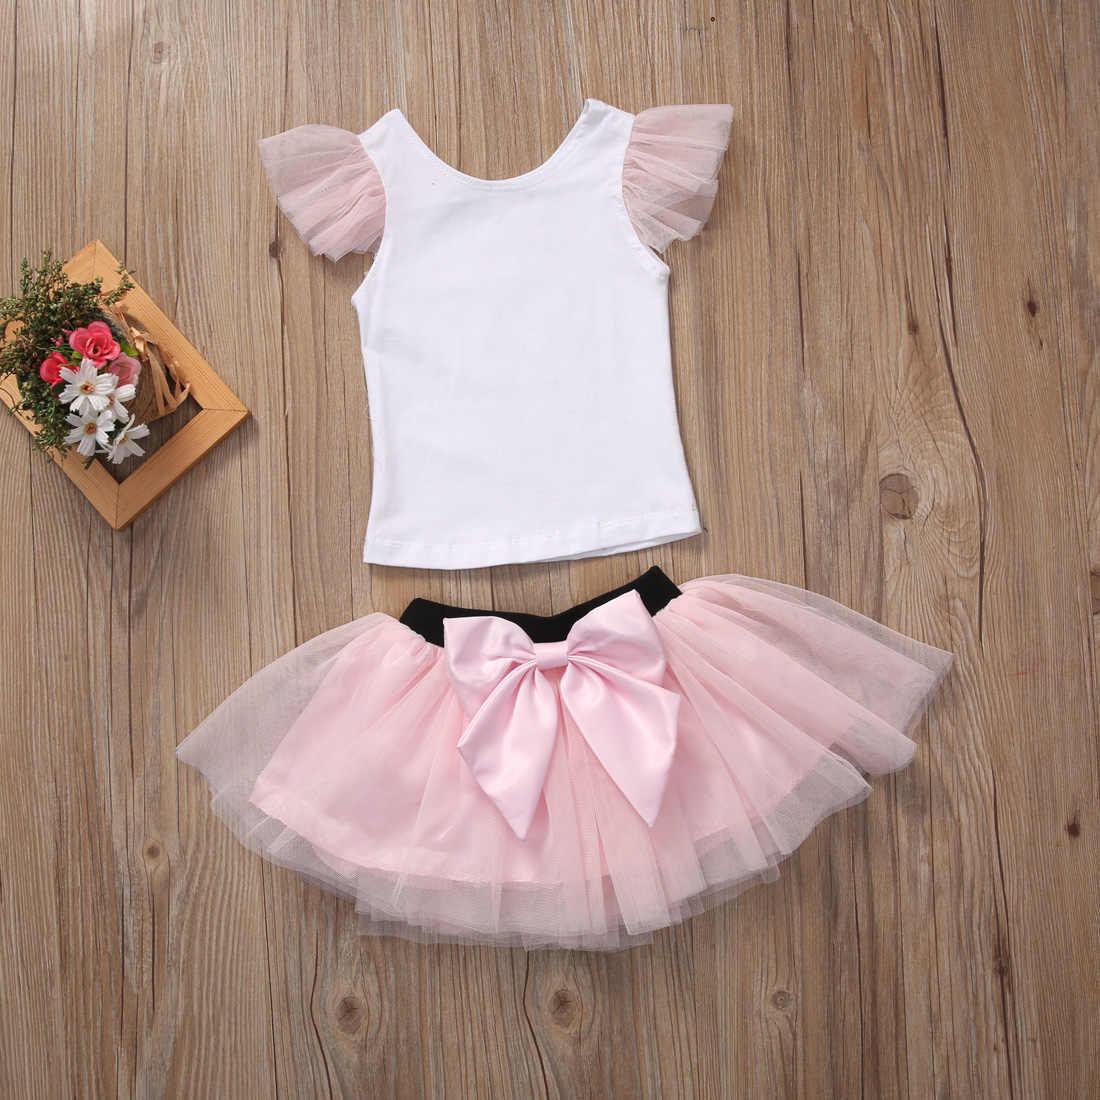 סופר חמוד אמא clothing מזדמן בנות הקיץ להגדיר חולצה התאמת שמלת טול חצאית תלבושות סט משפחה